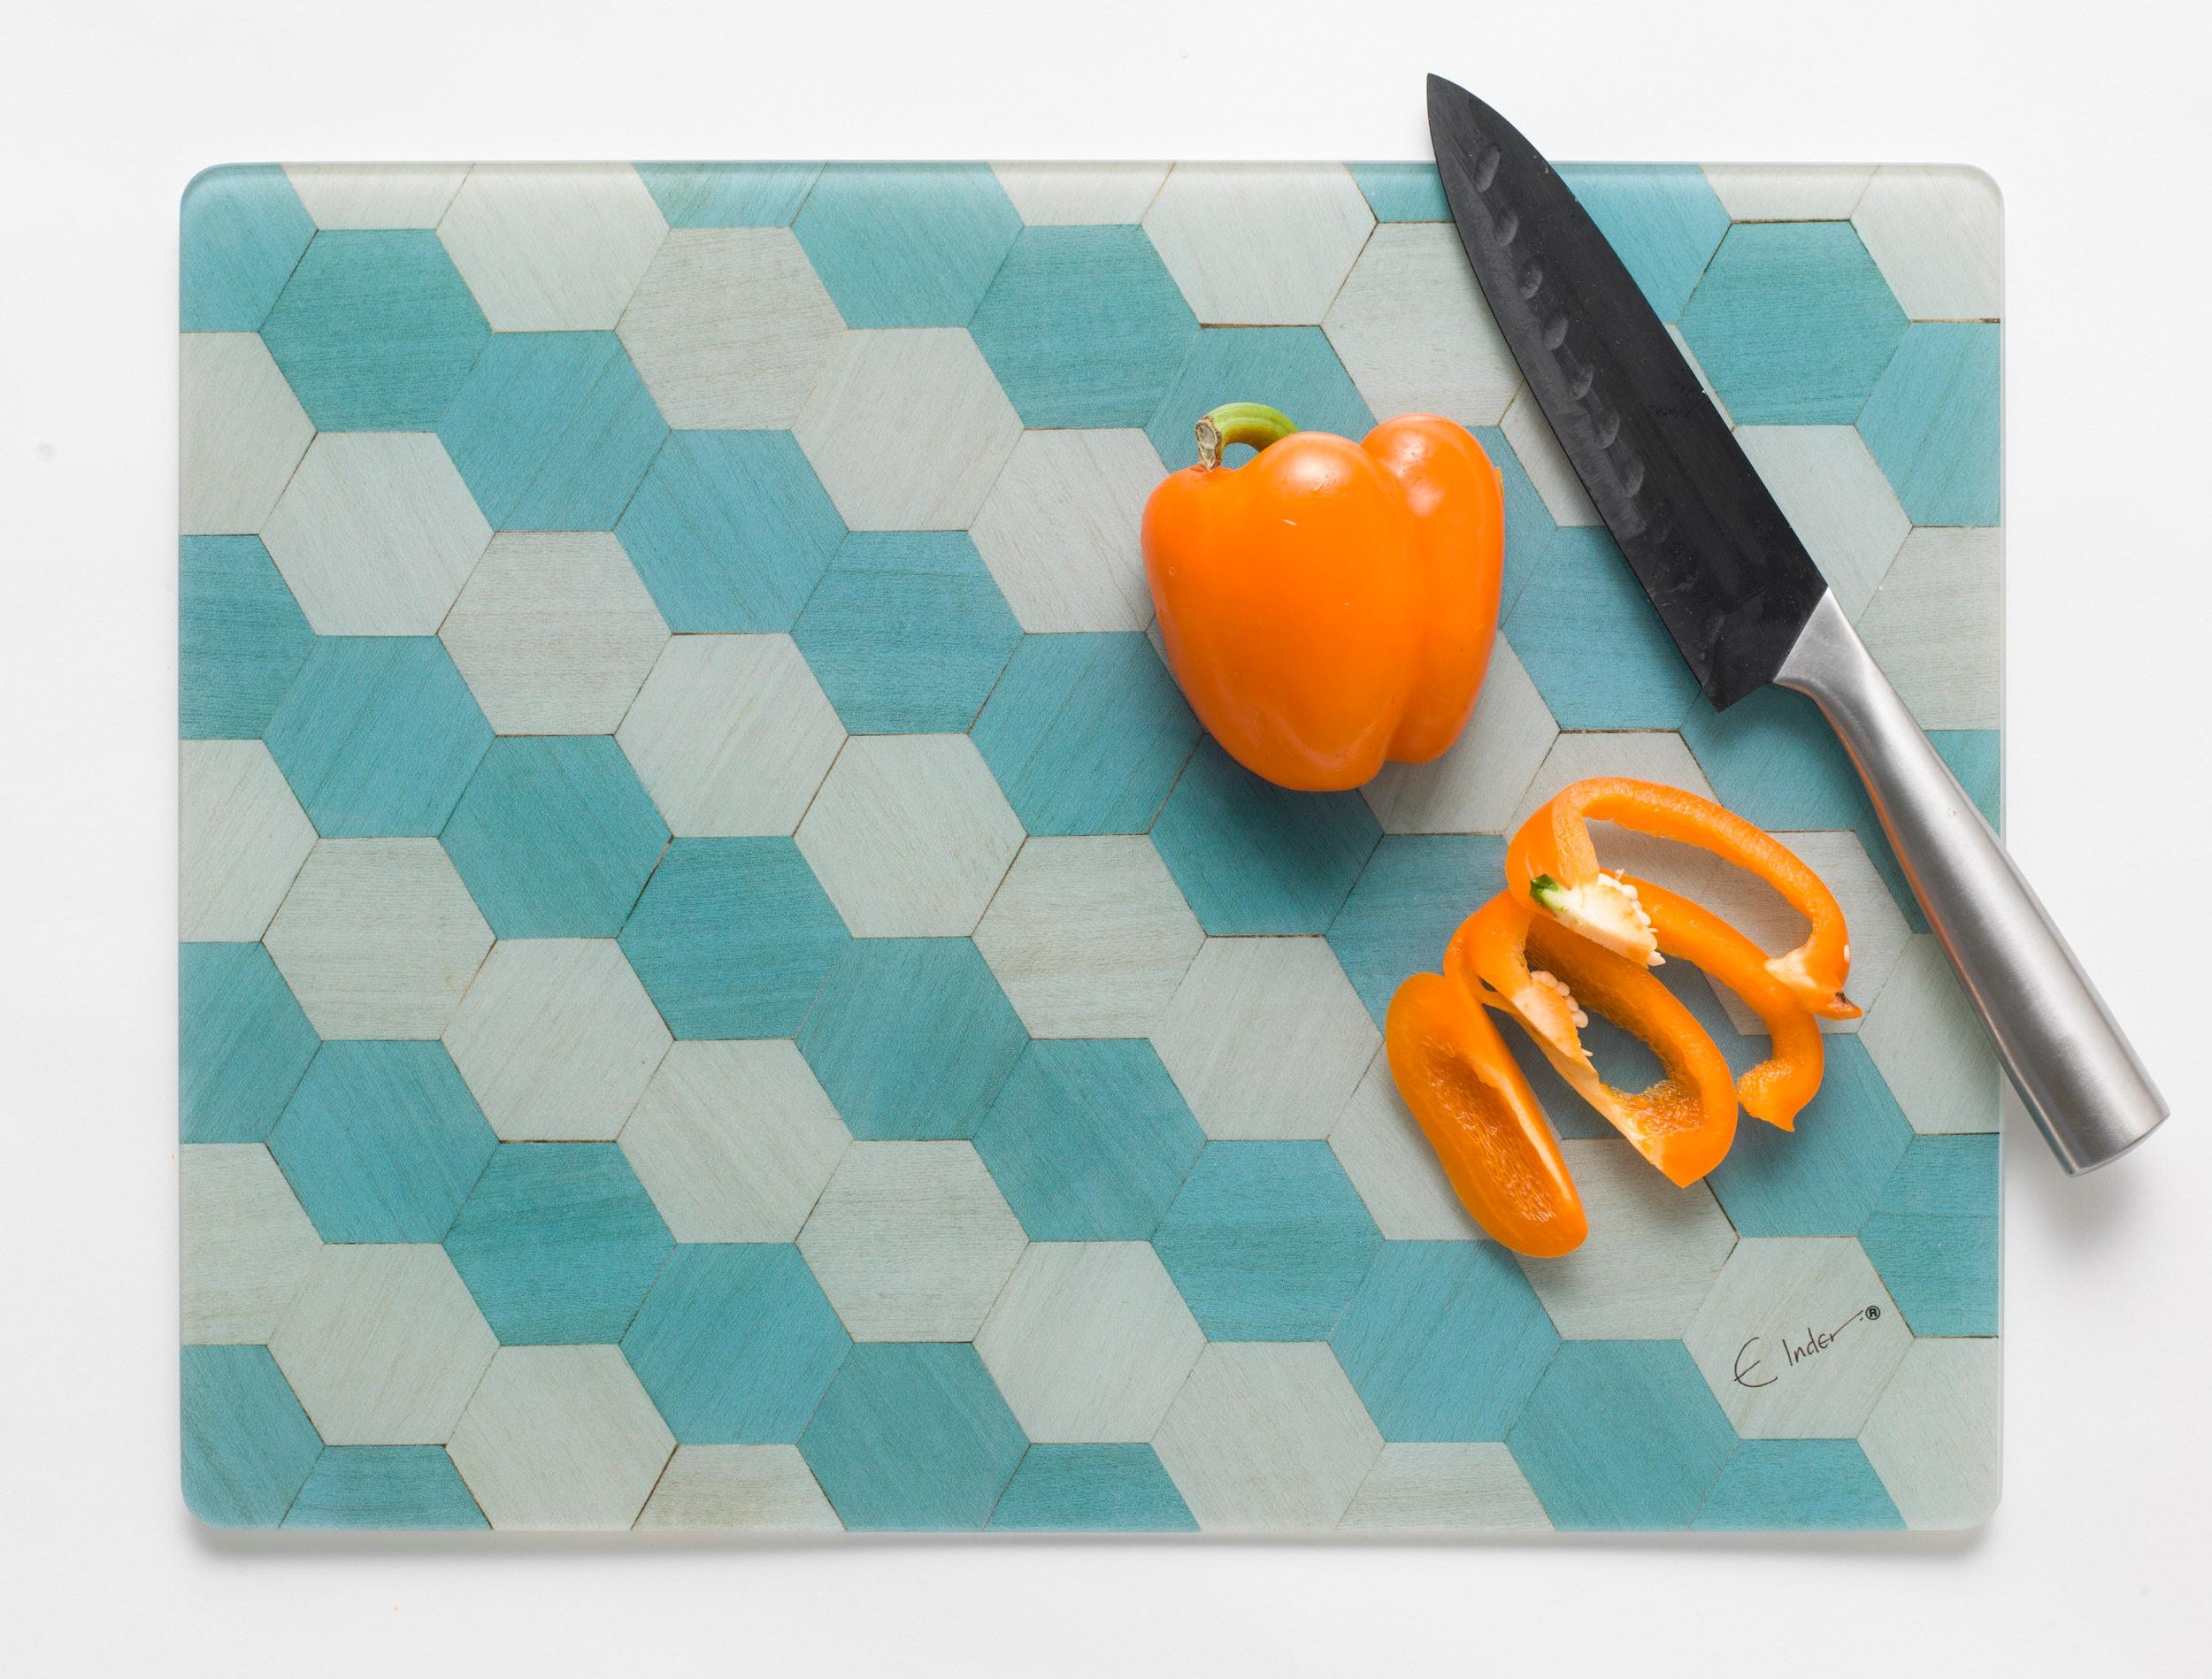 Glass chopping board geometric cutting board Birthday gifts | Etsy